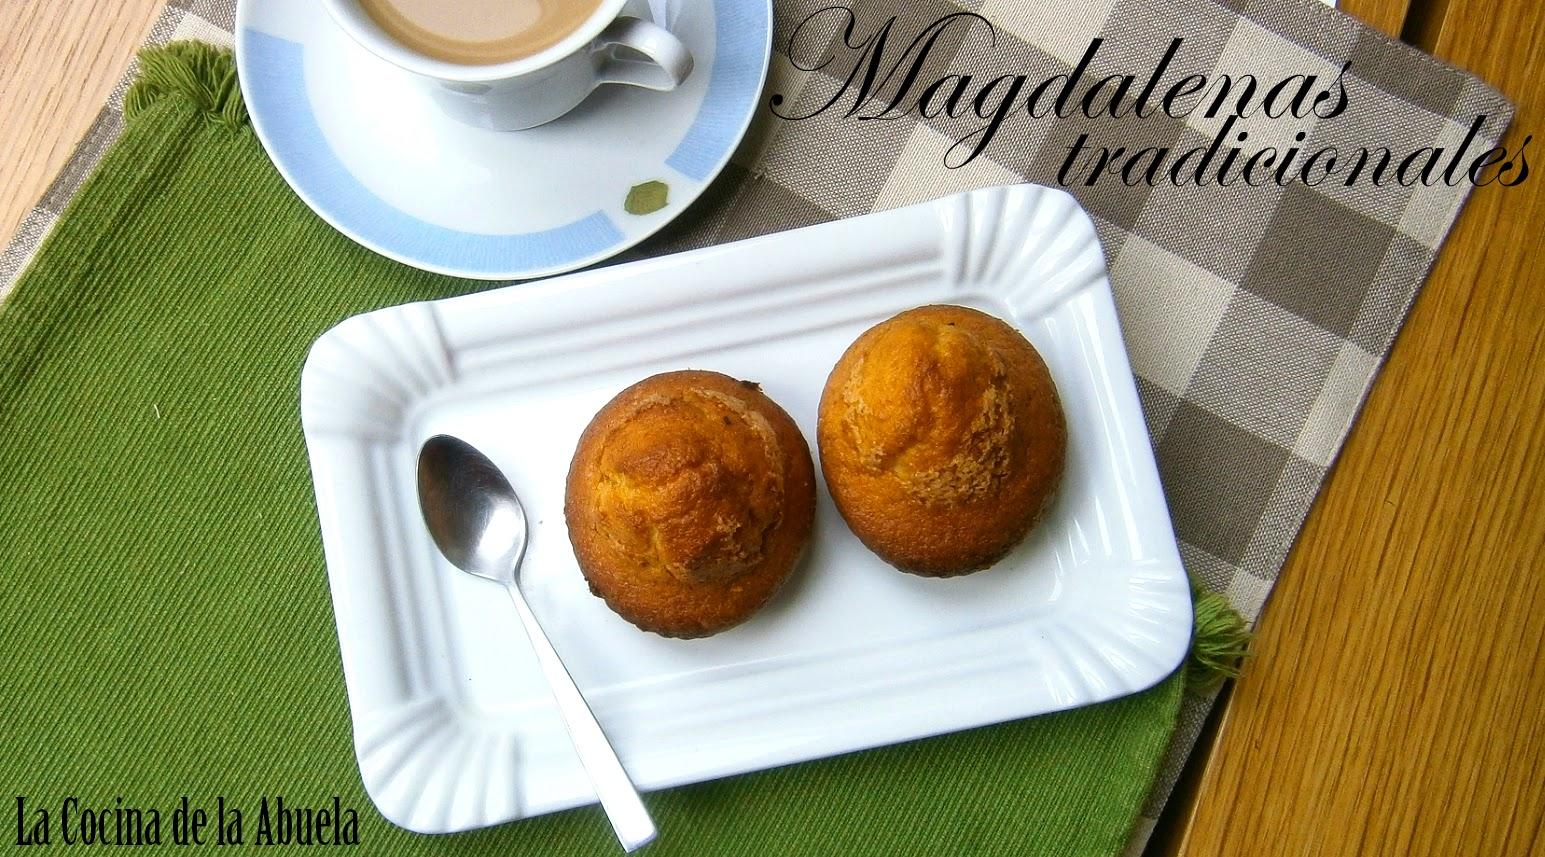 Magdalenas Tradicionales.